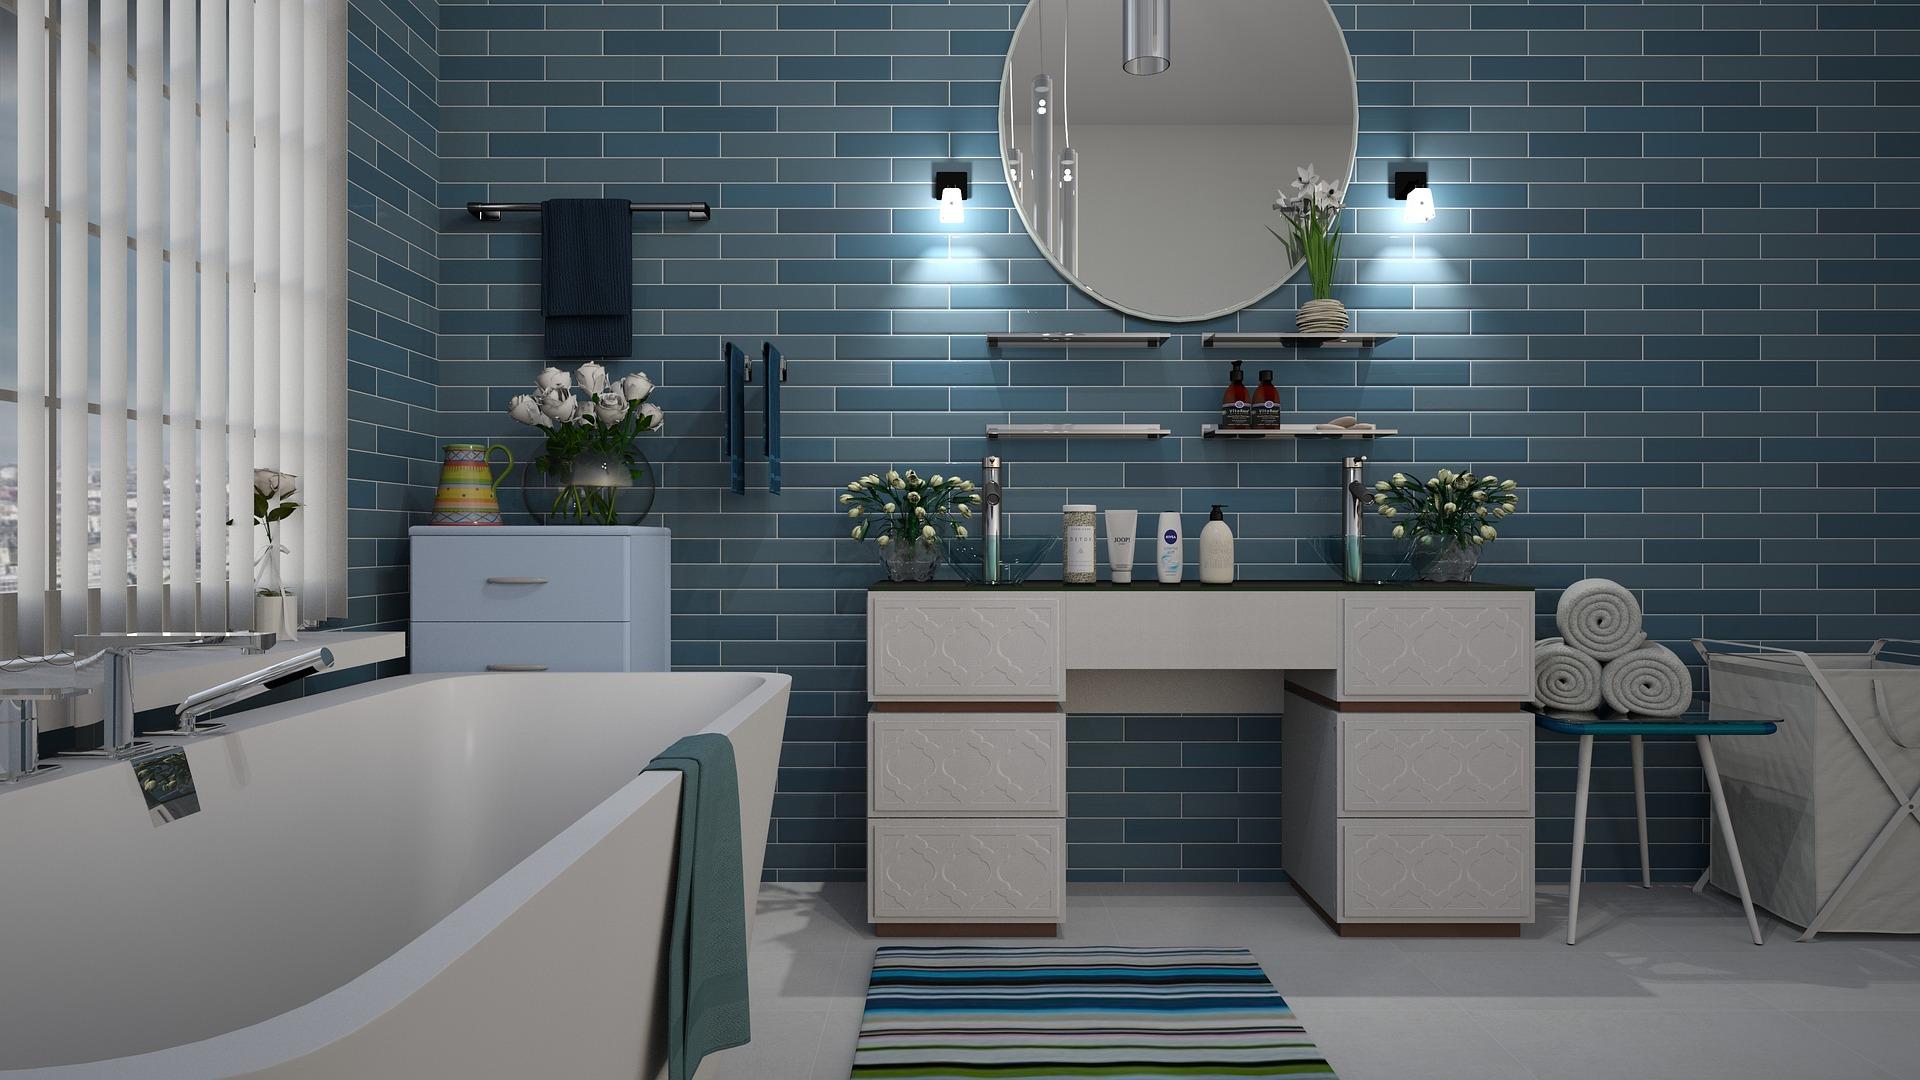 Prix Pour Refaire Une Salle De Bain 17 conseils déco pour refaire sa salle de bains - rsc visery